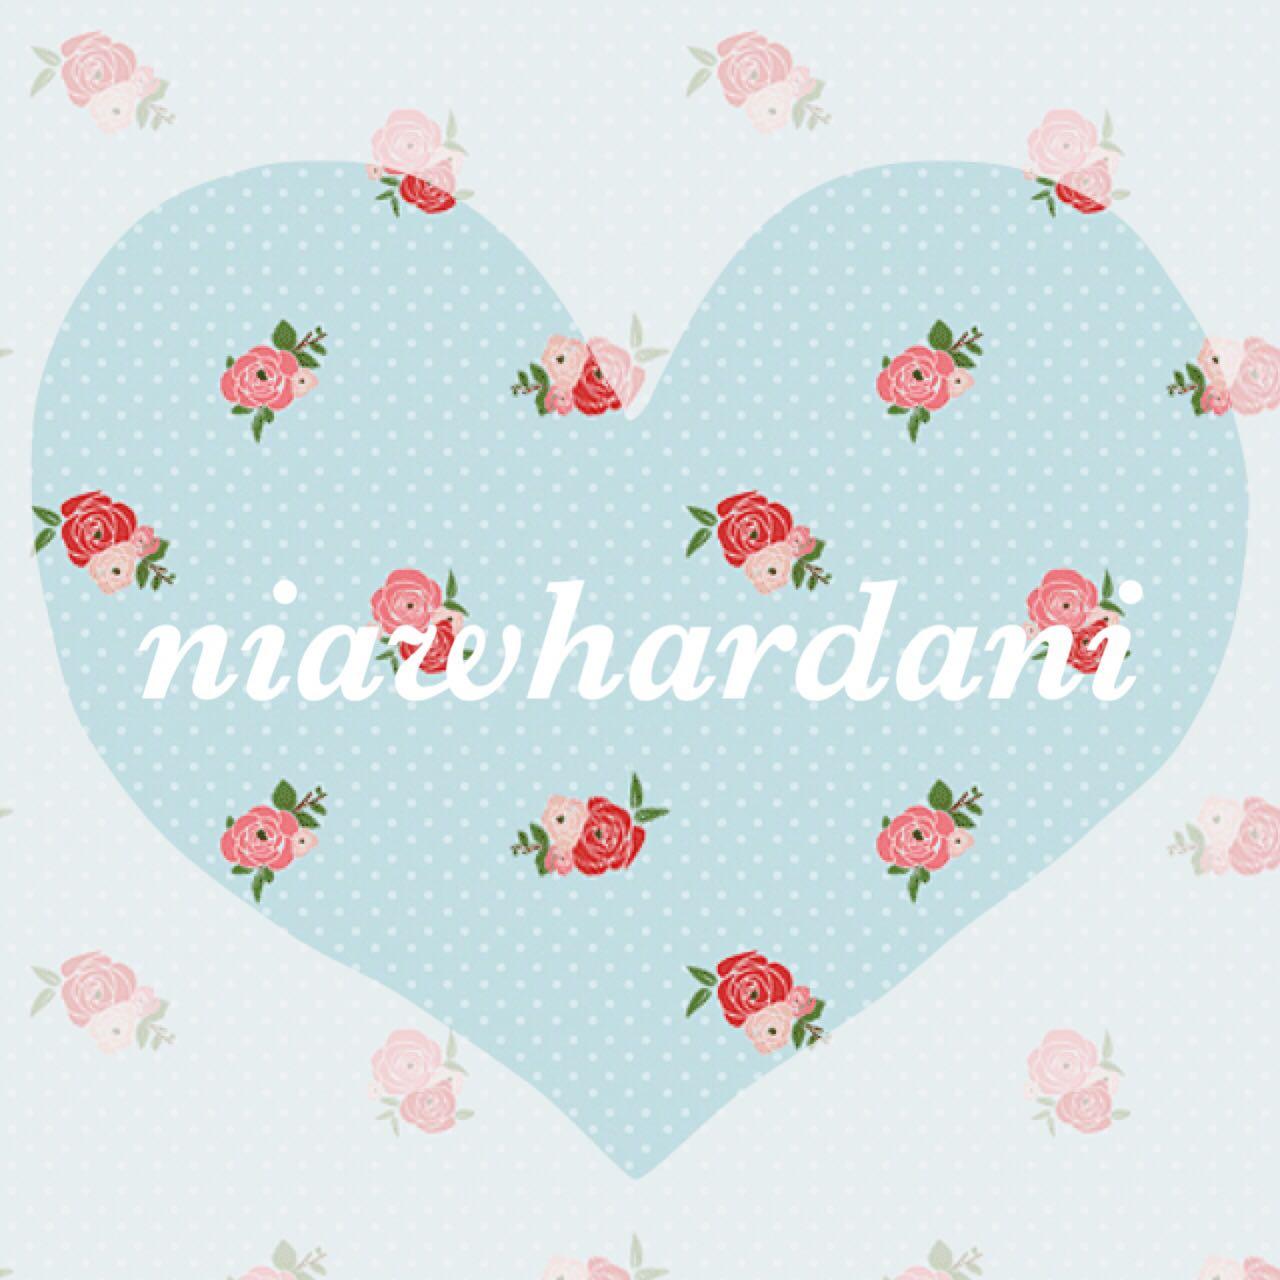 niawhardani